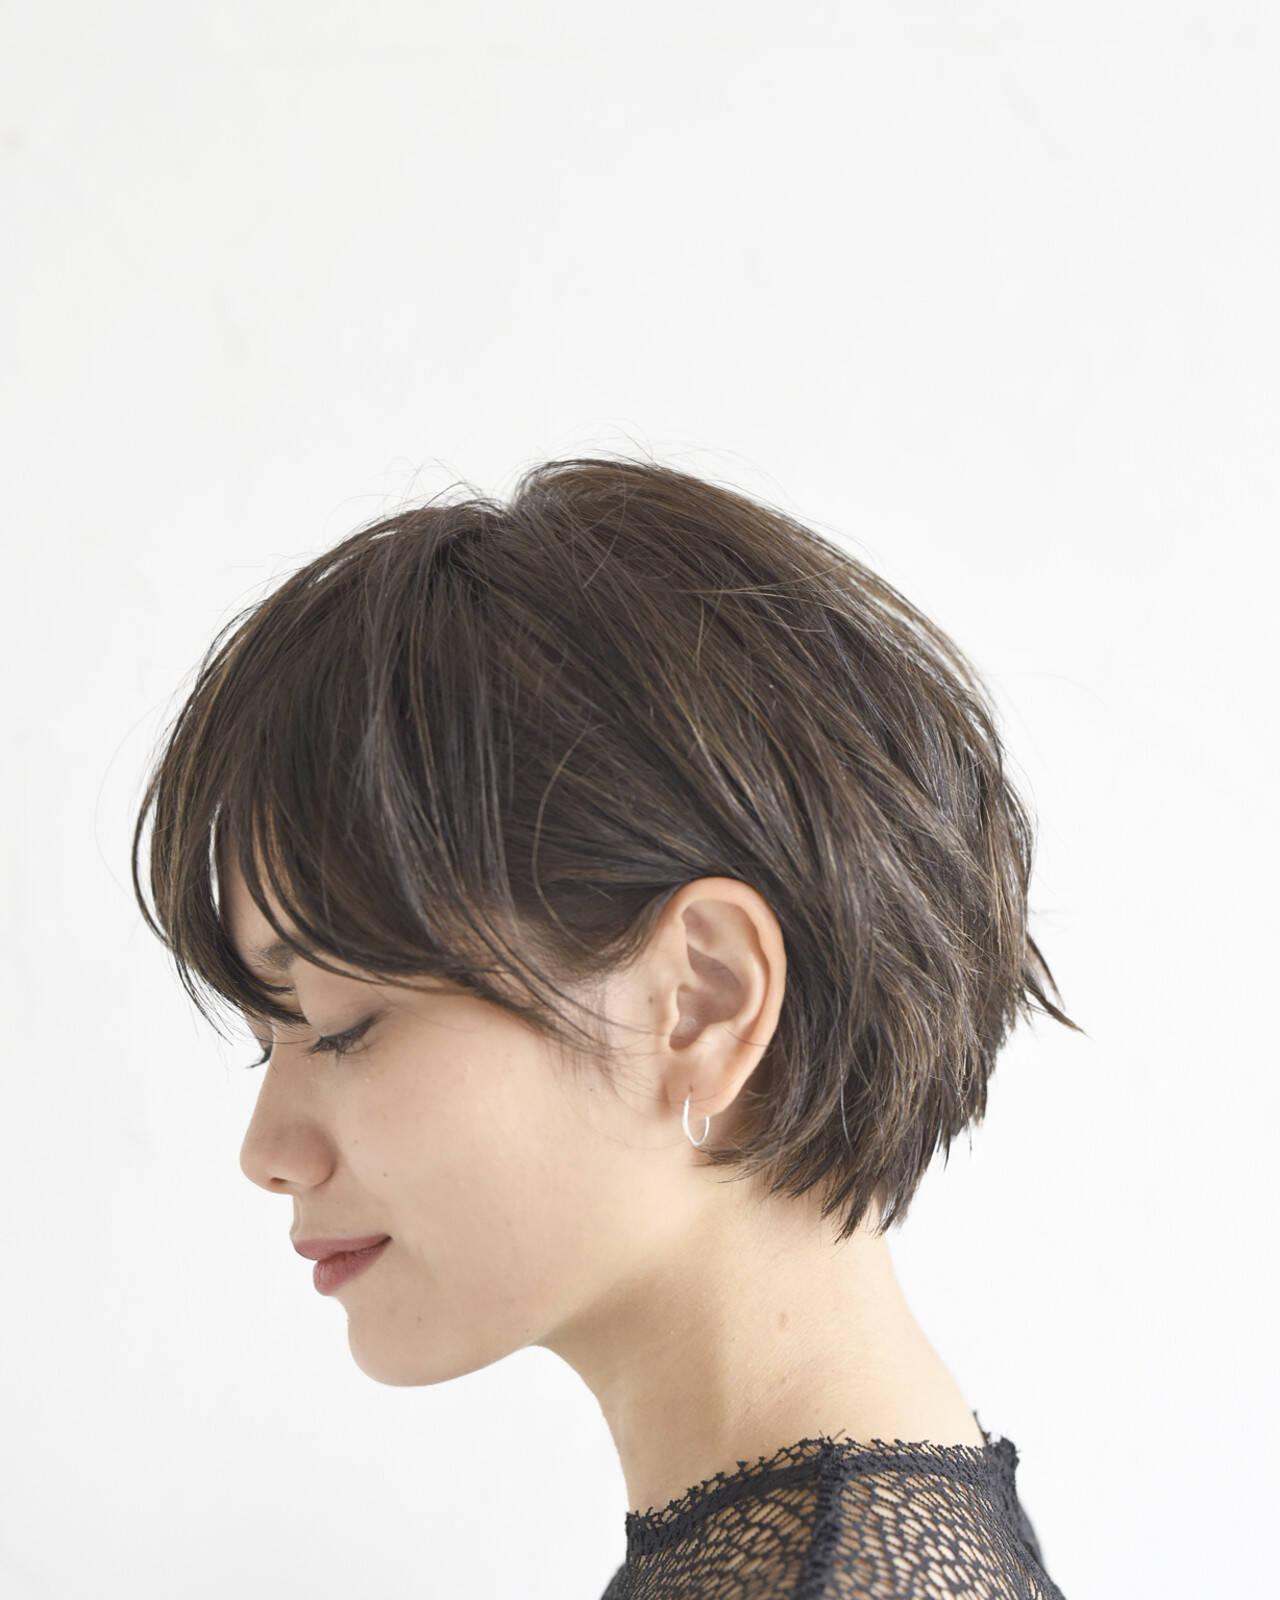 オフィス ショートボブ モード パーマヘアスタイルや髪型の写真・画像